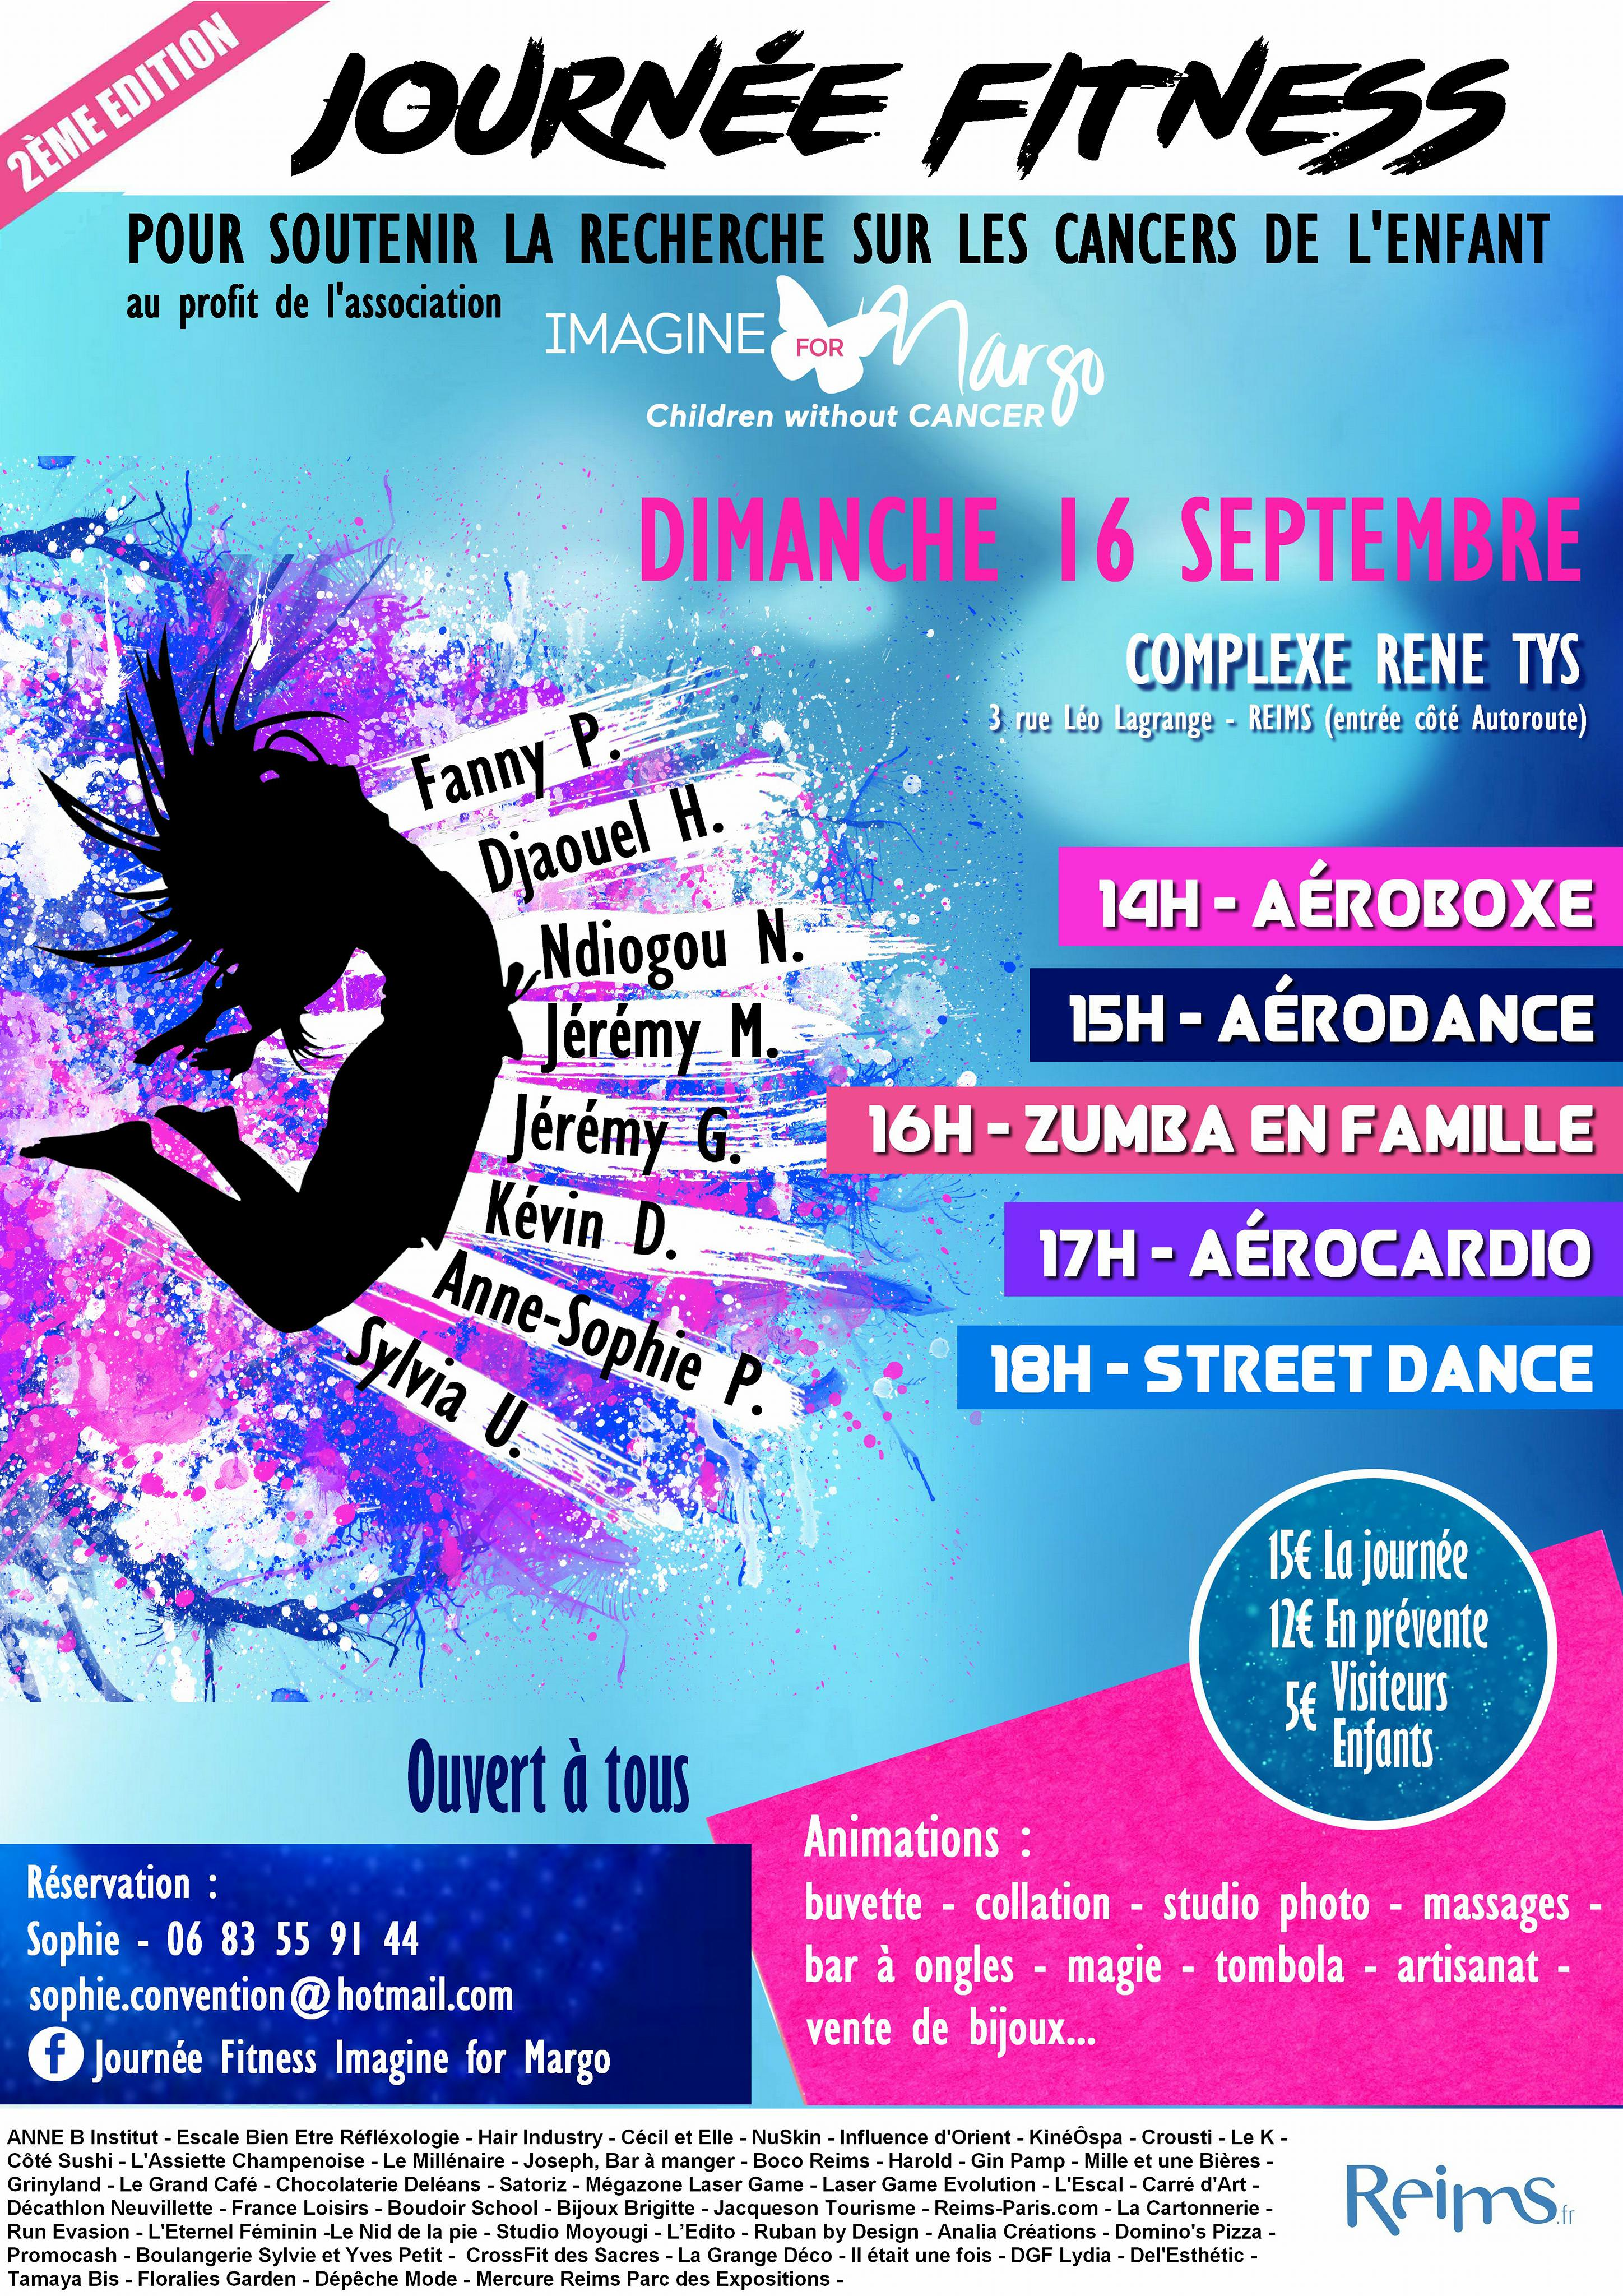 Journée Fitness à Reims au profit d'Imagine for Margo grâce àSophie et au soutien de la ville